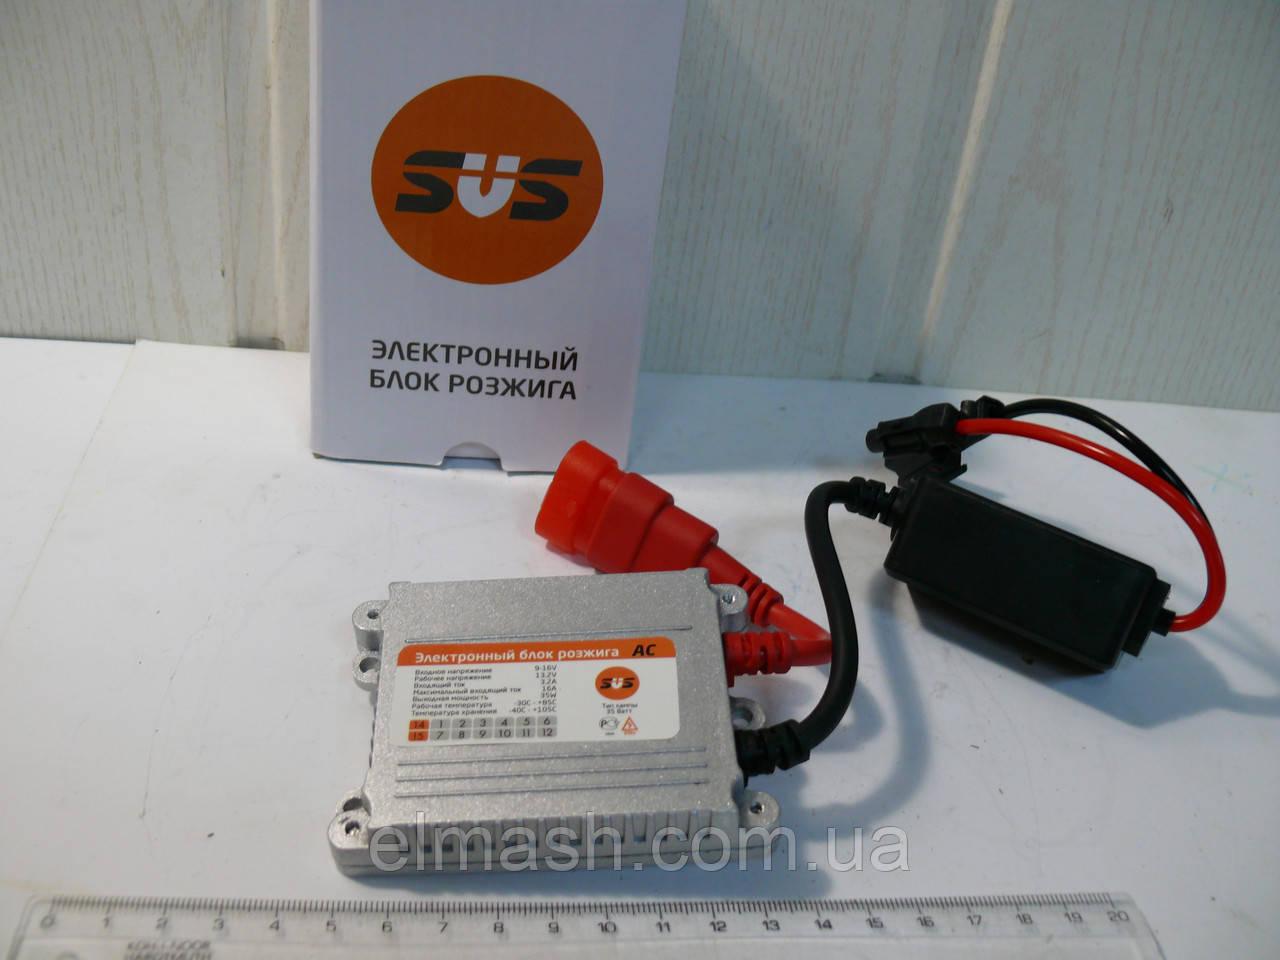 Электронный блок розжига DC 35W SVS (слим)